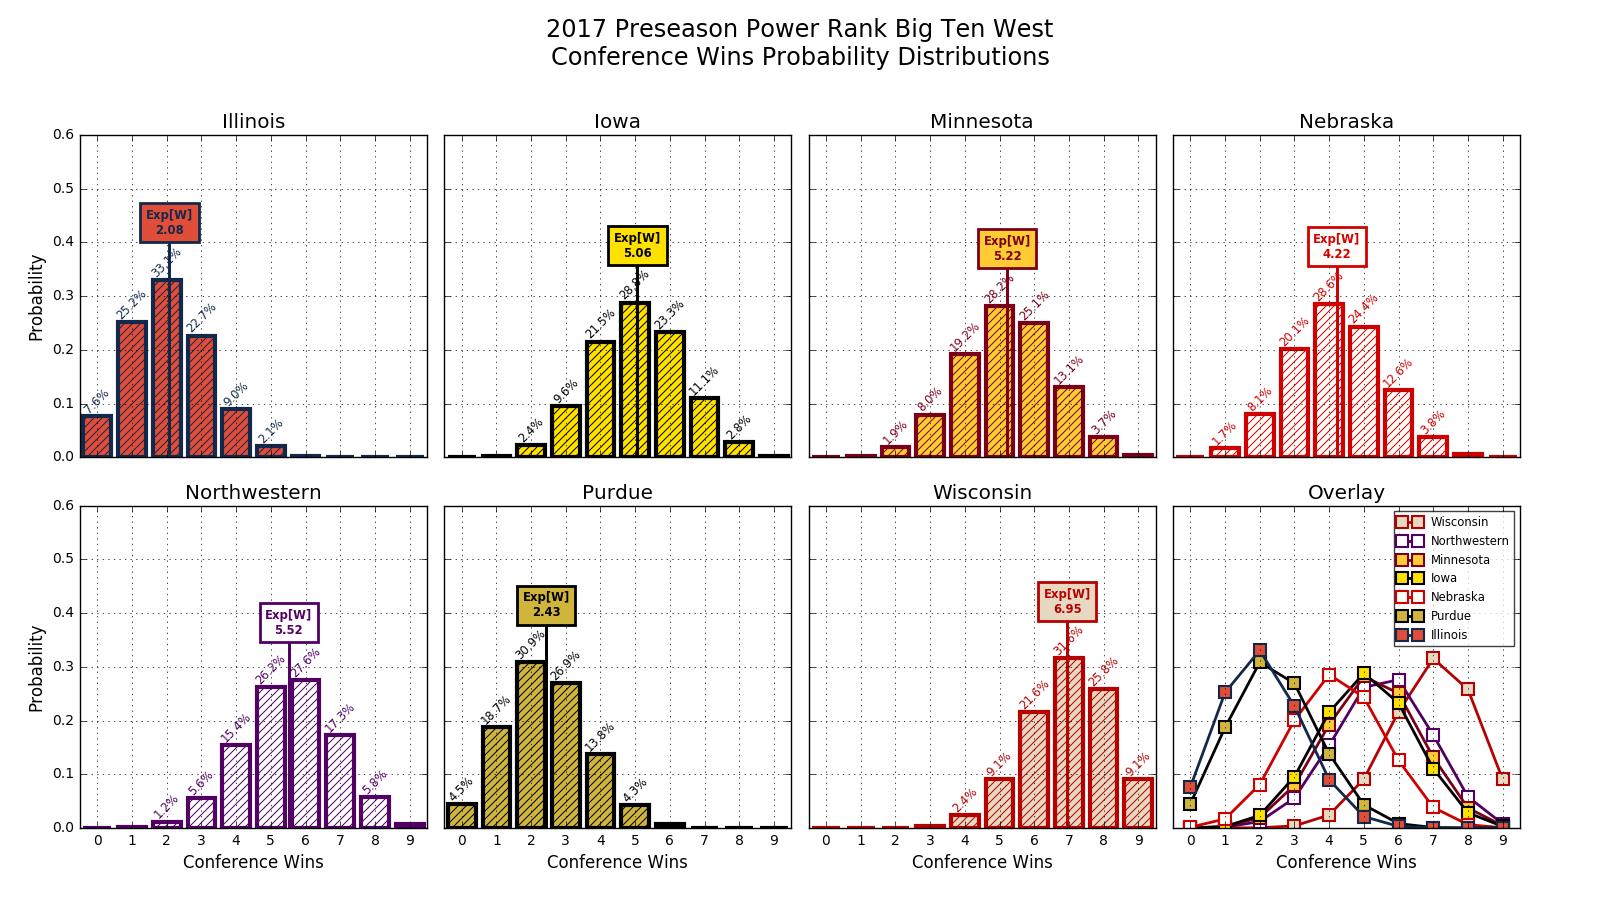 2017w00_PR_B1_GW_conf_wins_pdfs.png